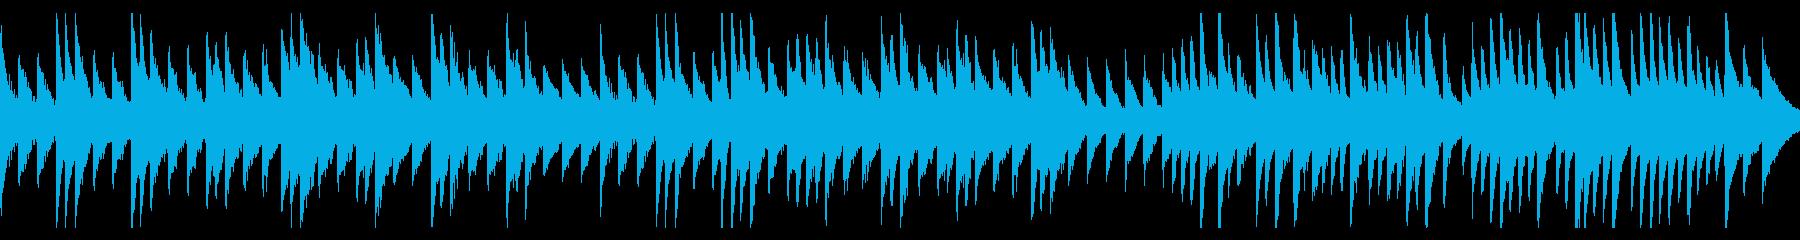 ピアノの切ないバラードの再生済みの波形